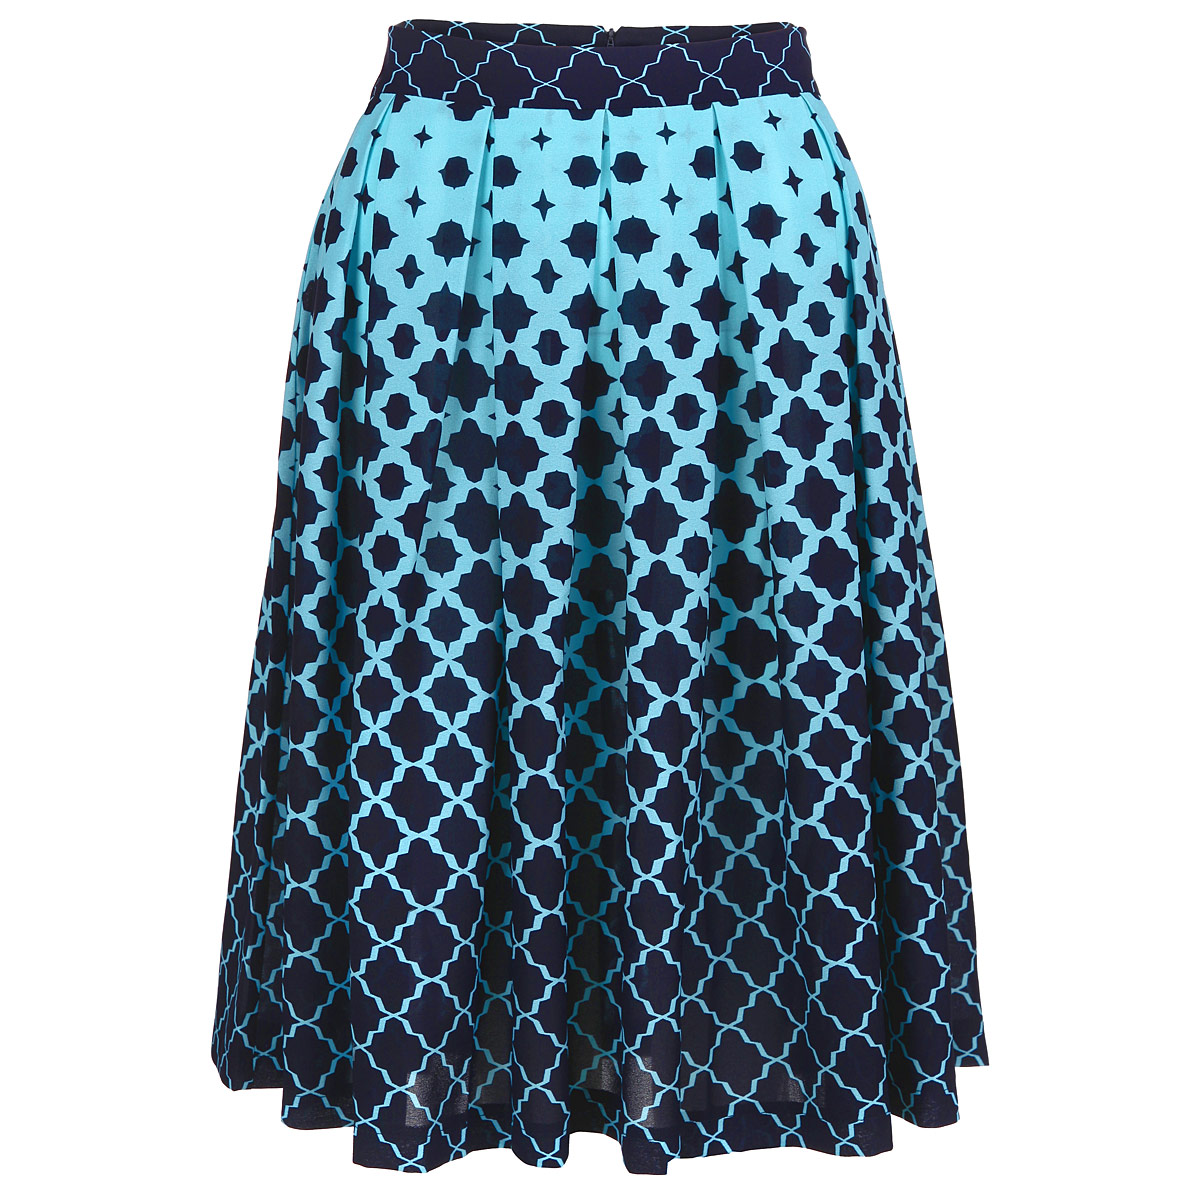 Юбка Lautus, цвет: темно-синий, голубой. ю0156. Размер 52ю0156Очаровательная юбка от Lautus добавит женственные нотки в ваш модный образ. Модель выполнена из полиэстера с небольшим добавлением эластана. Юбка застегивается на потайную застежку-молнию, расположенную в заднем шве. Изящная модель с посадкой на талии подчеркнет красоту и стройность ваших ног, сделает ваш образ более хрупким. Изделие оформлено модным контрастным принтом. Стильная юбка - основа гардероба настоящей леди. Она подчеркнет ваше отменное чувство стиля и безупречный вкус!